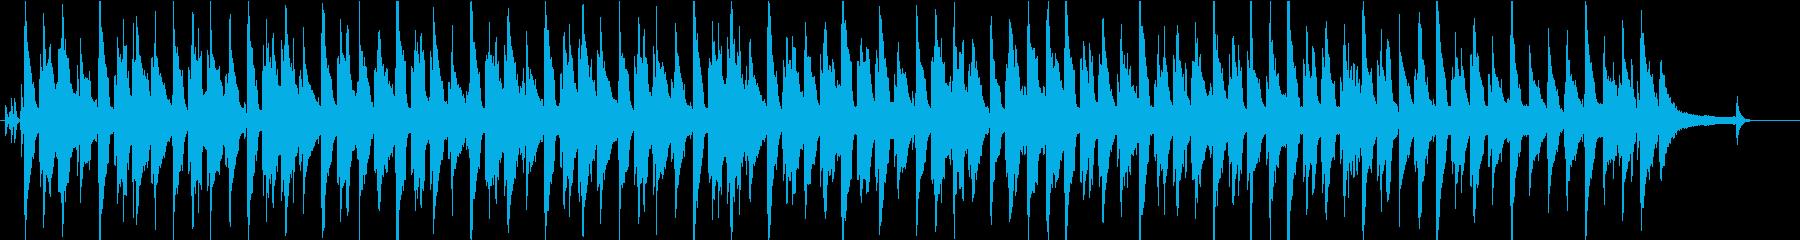 猫の日常をイメージしたほのぼのBGMの再生済みの波形